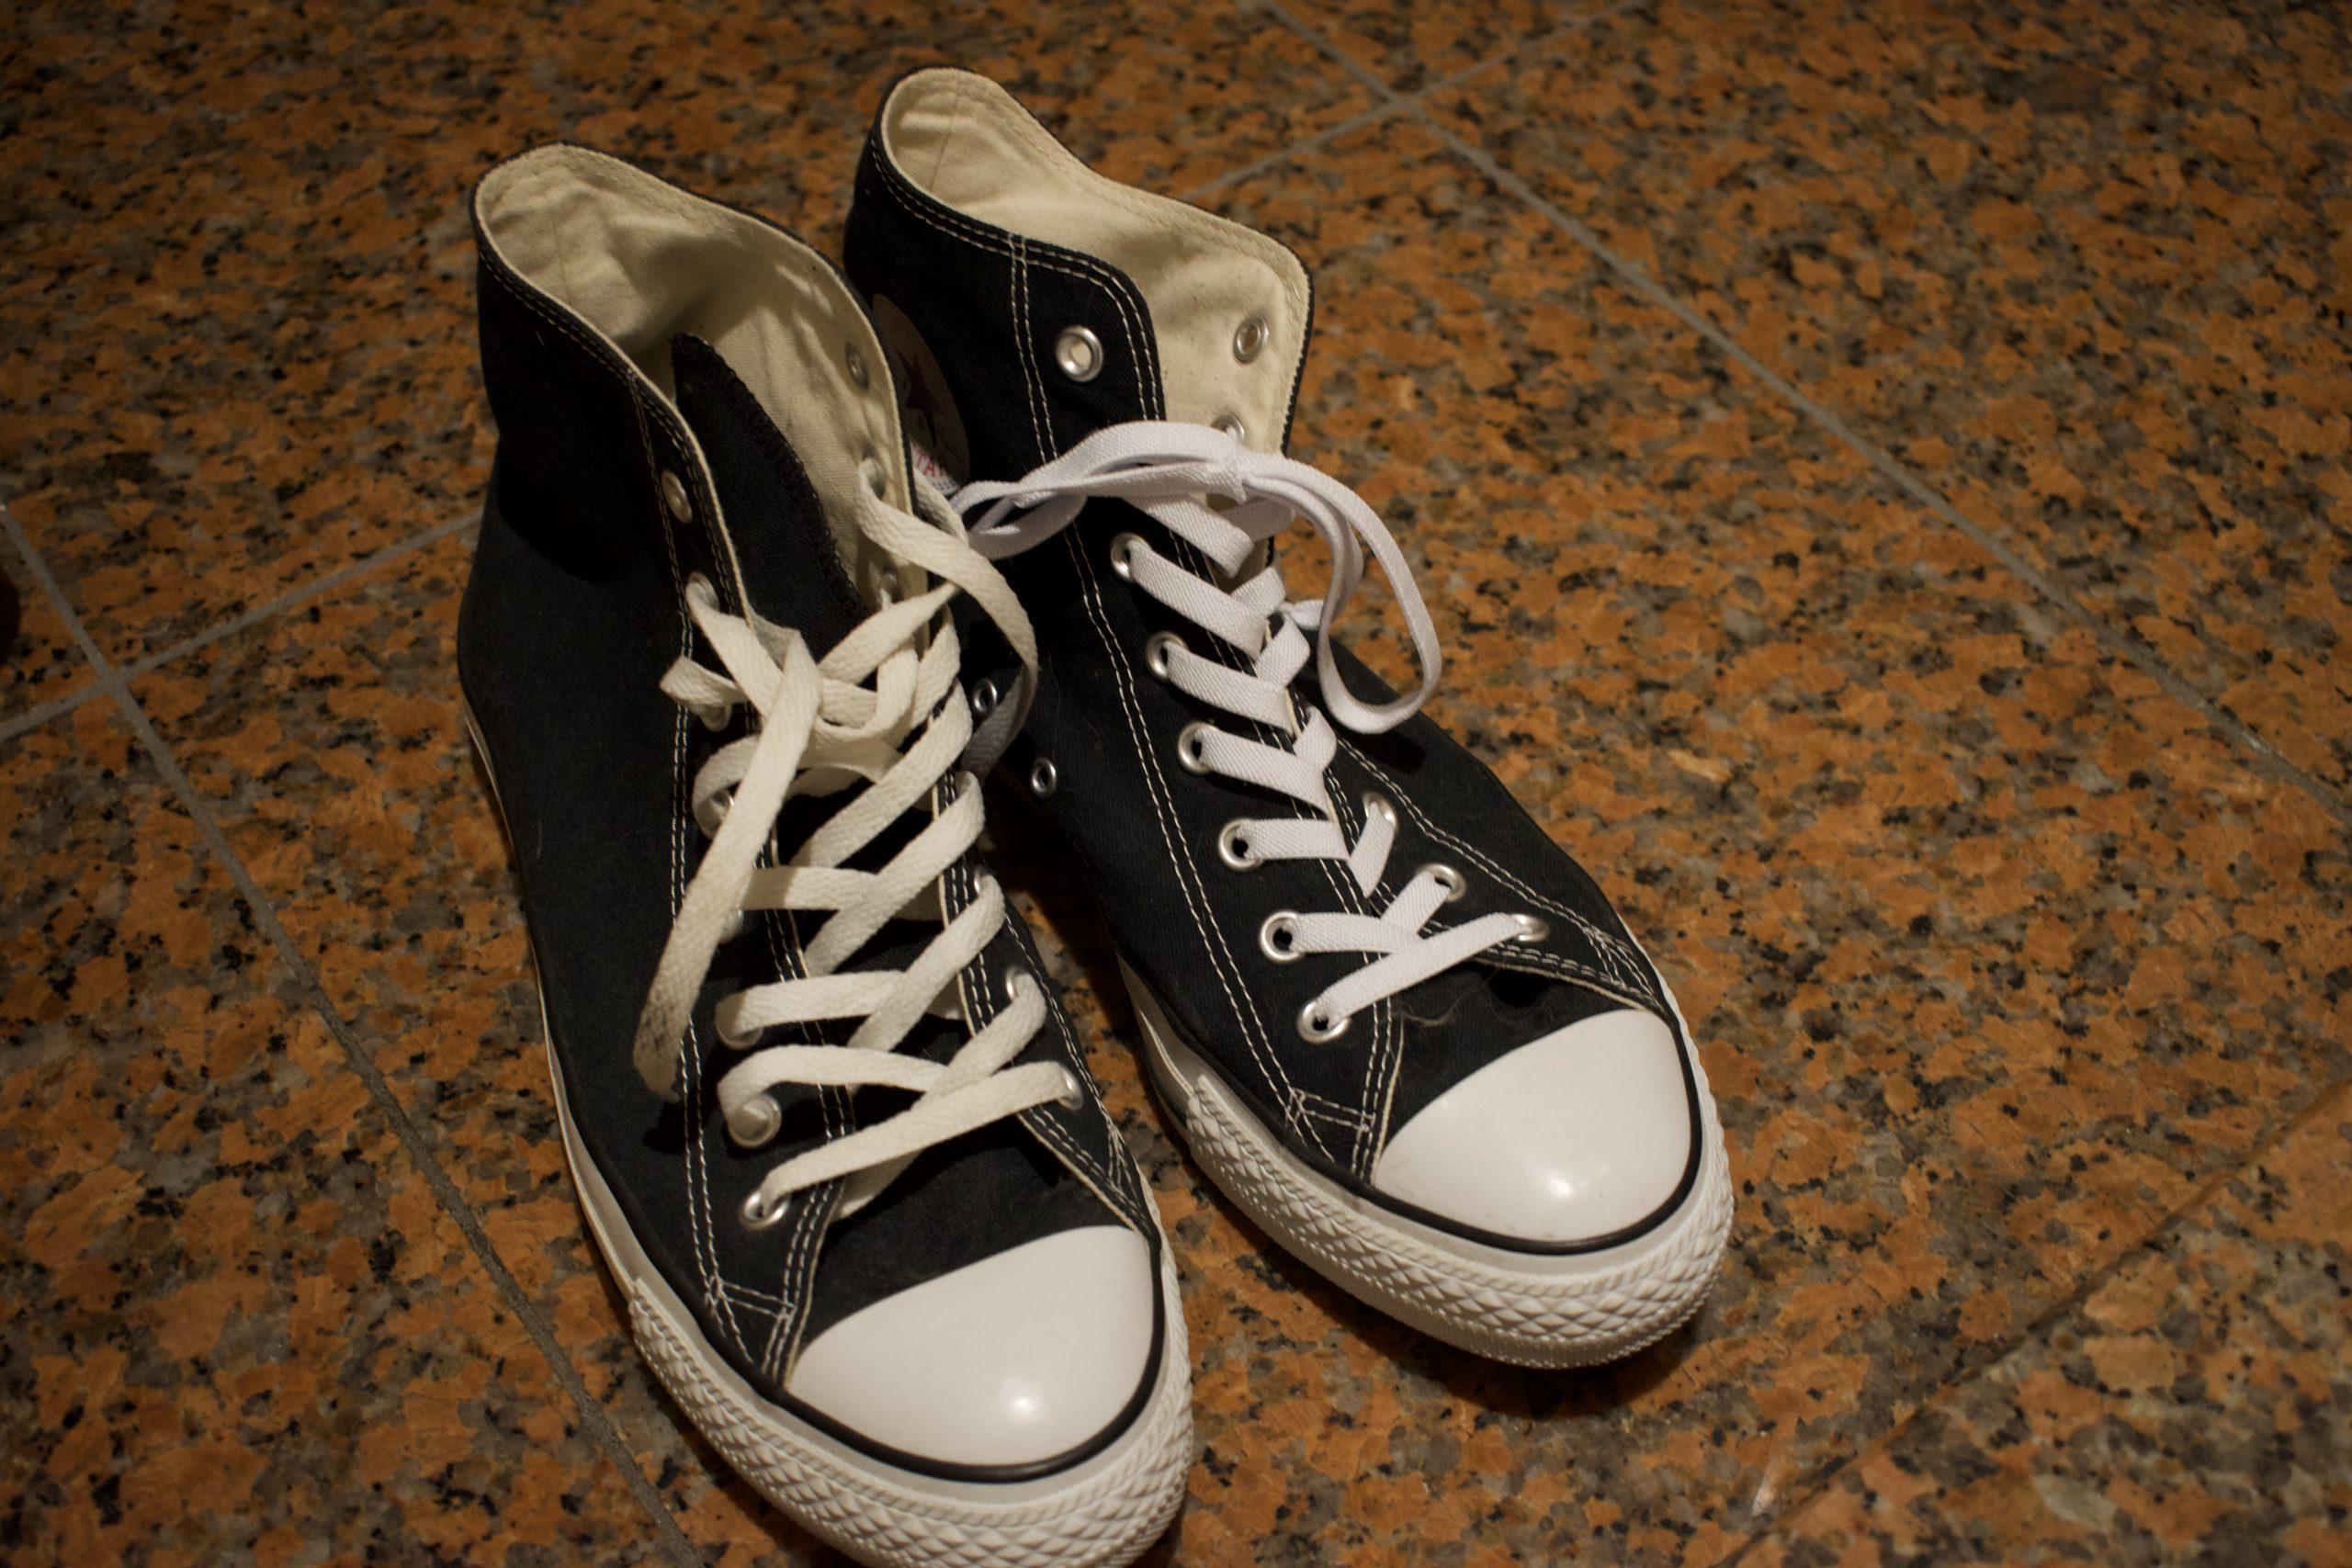 コンバースのハイカットに伸びる靴紐が相性抜群だった【世紀の大発明】